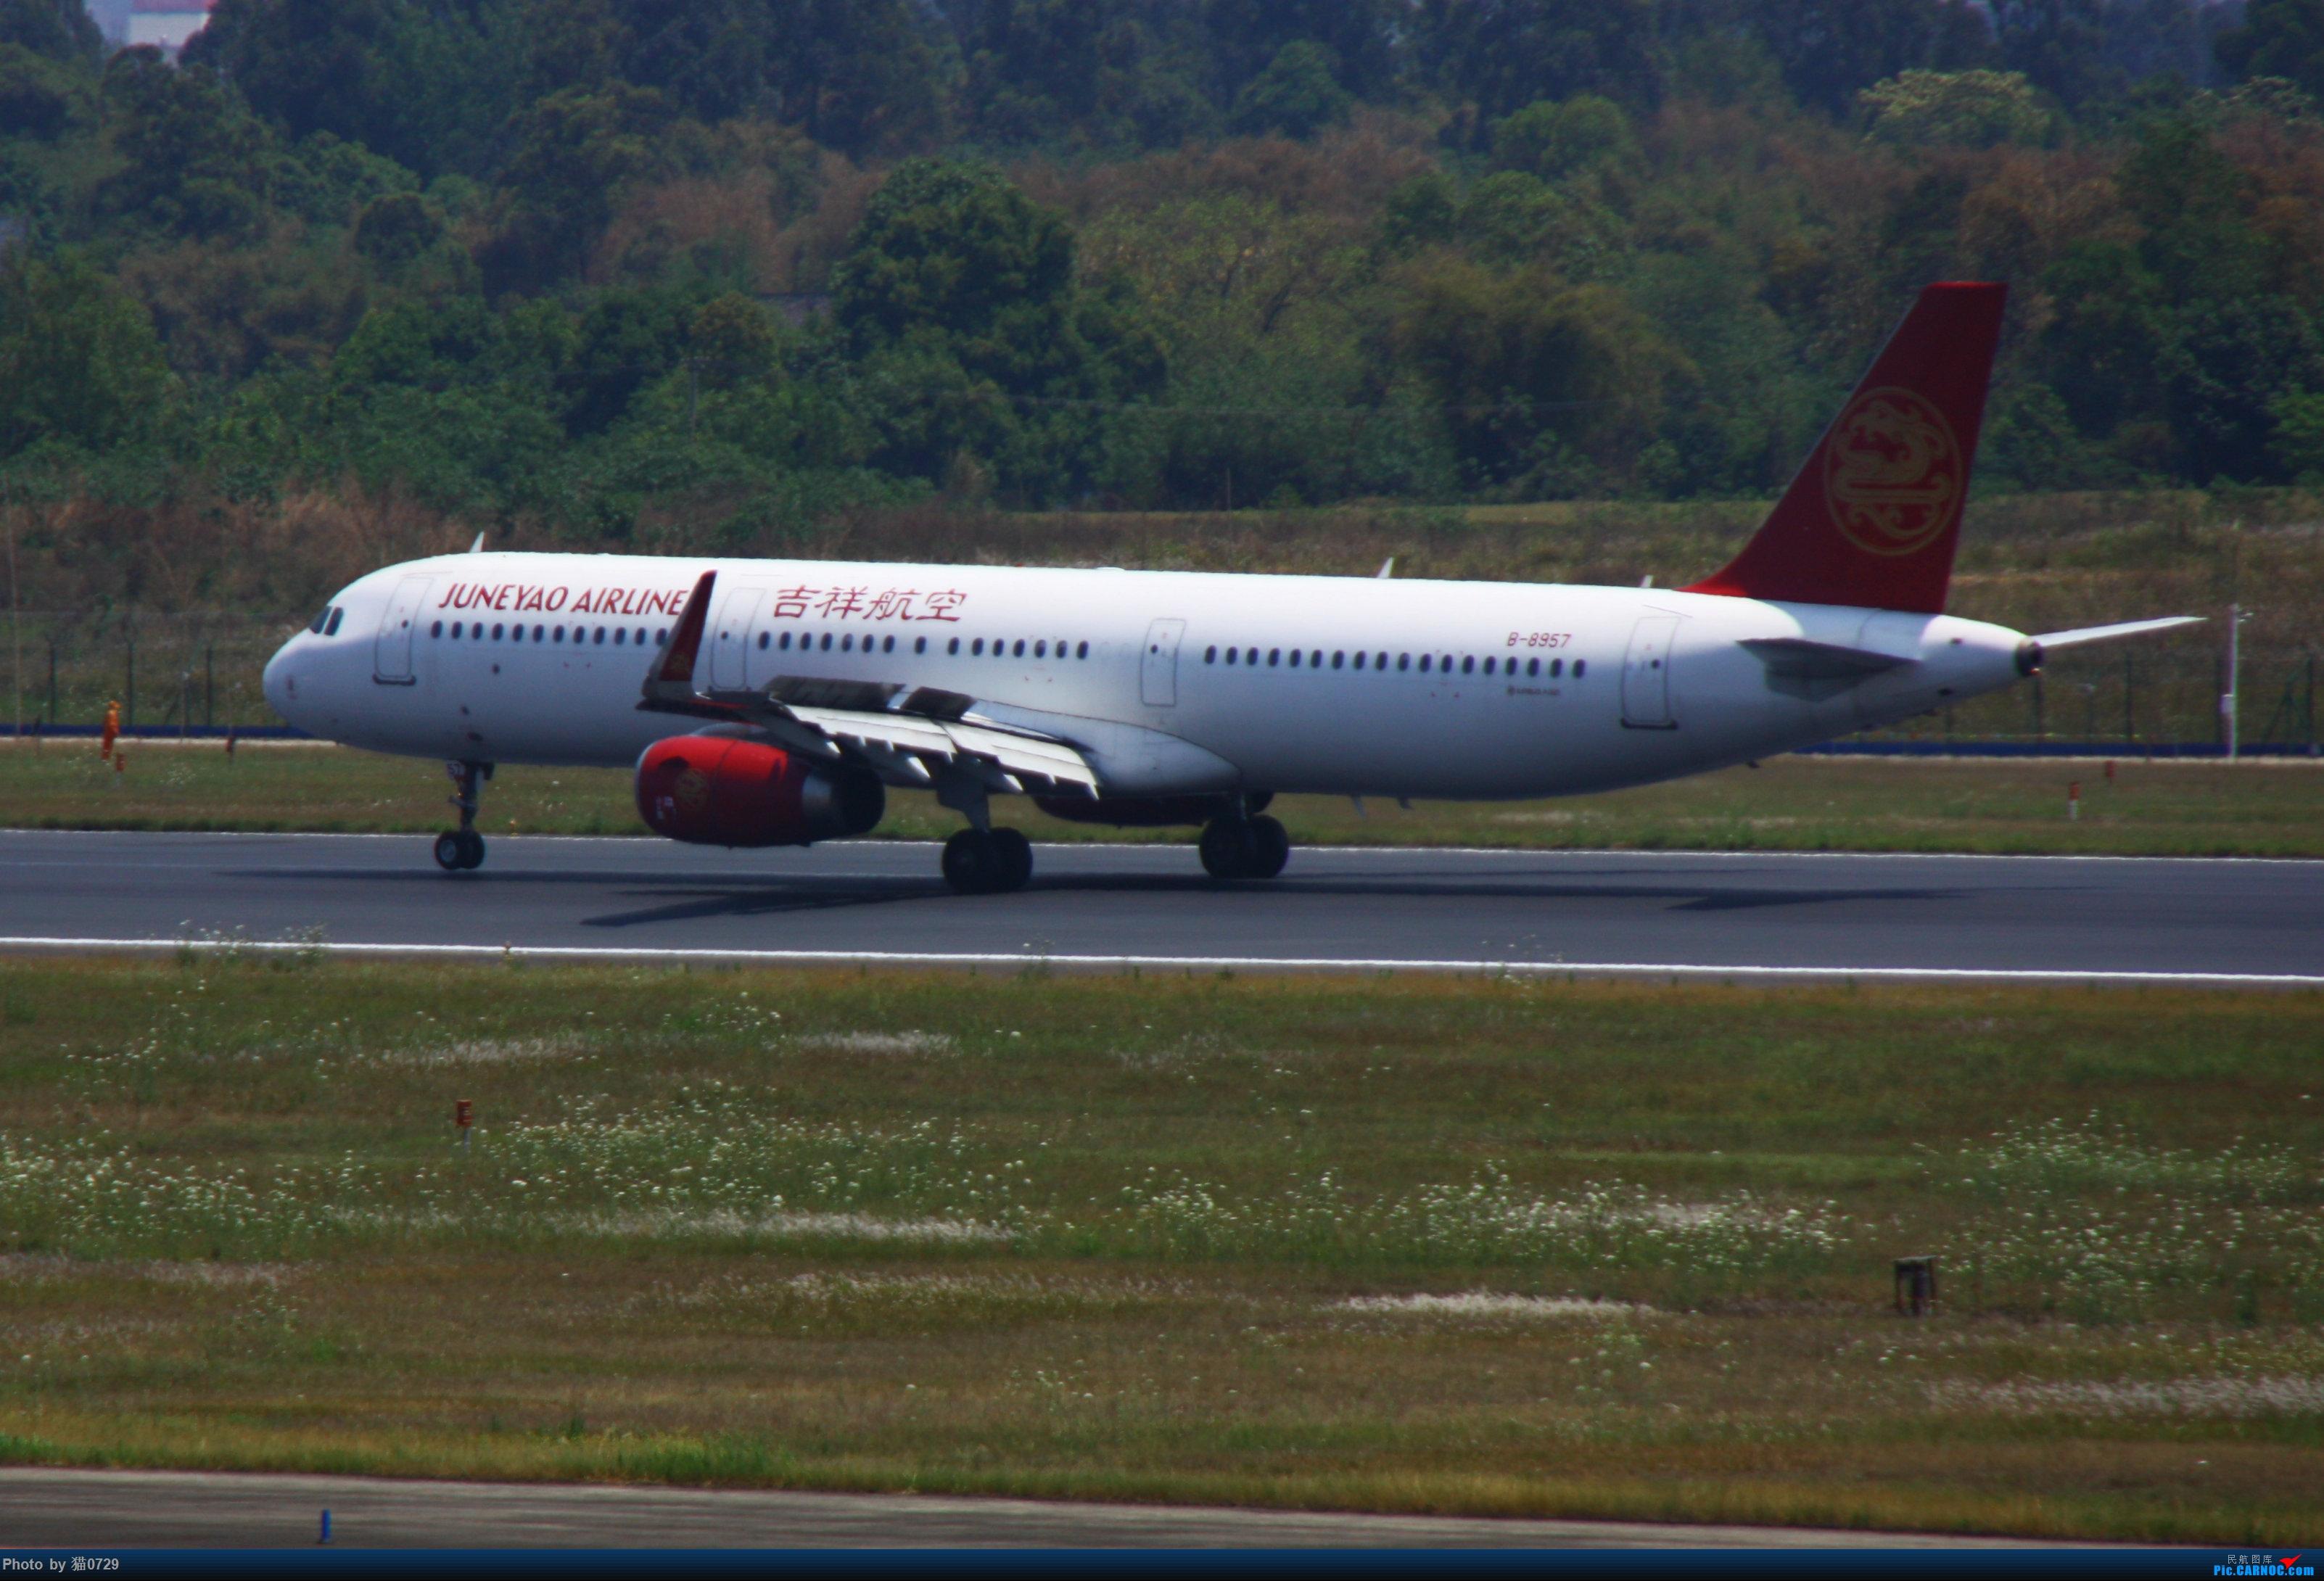 Re:[原创]跑道洞两右,气温三拐,六点五小时坚守双流 AIRBUS A321-200 B-8957 中国成都双流国际机场